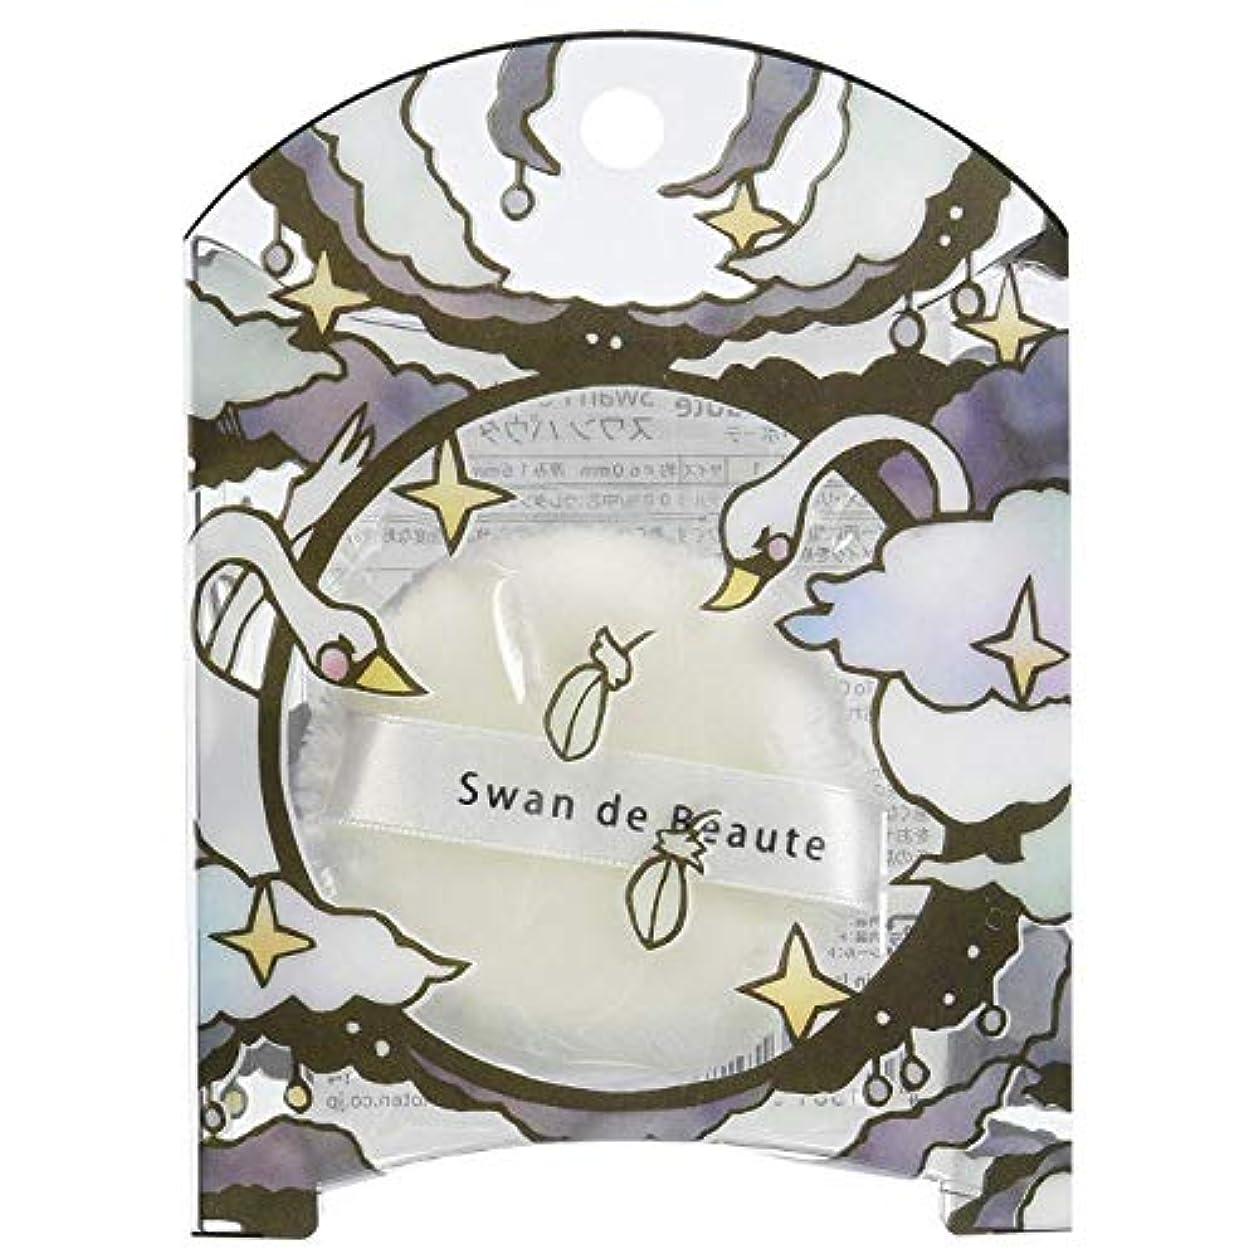 ハード革命通路swan de beaute(スワン?ド?ボーテ) スワン パウダーパフ SWAN-02 (1個)